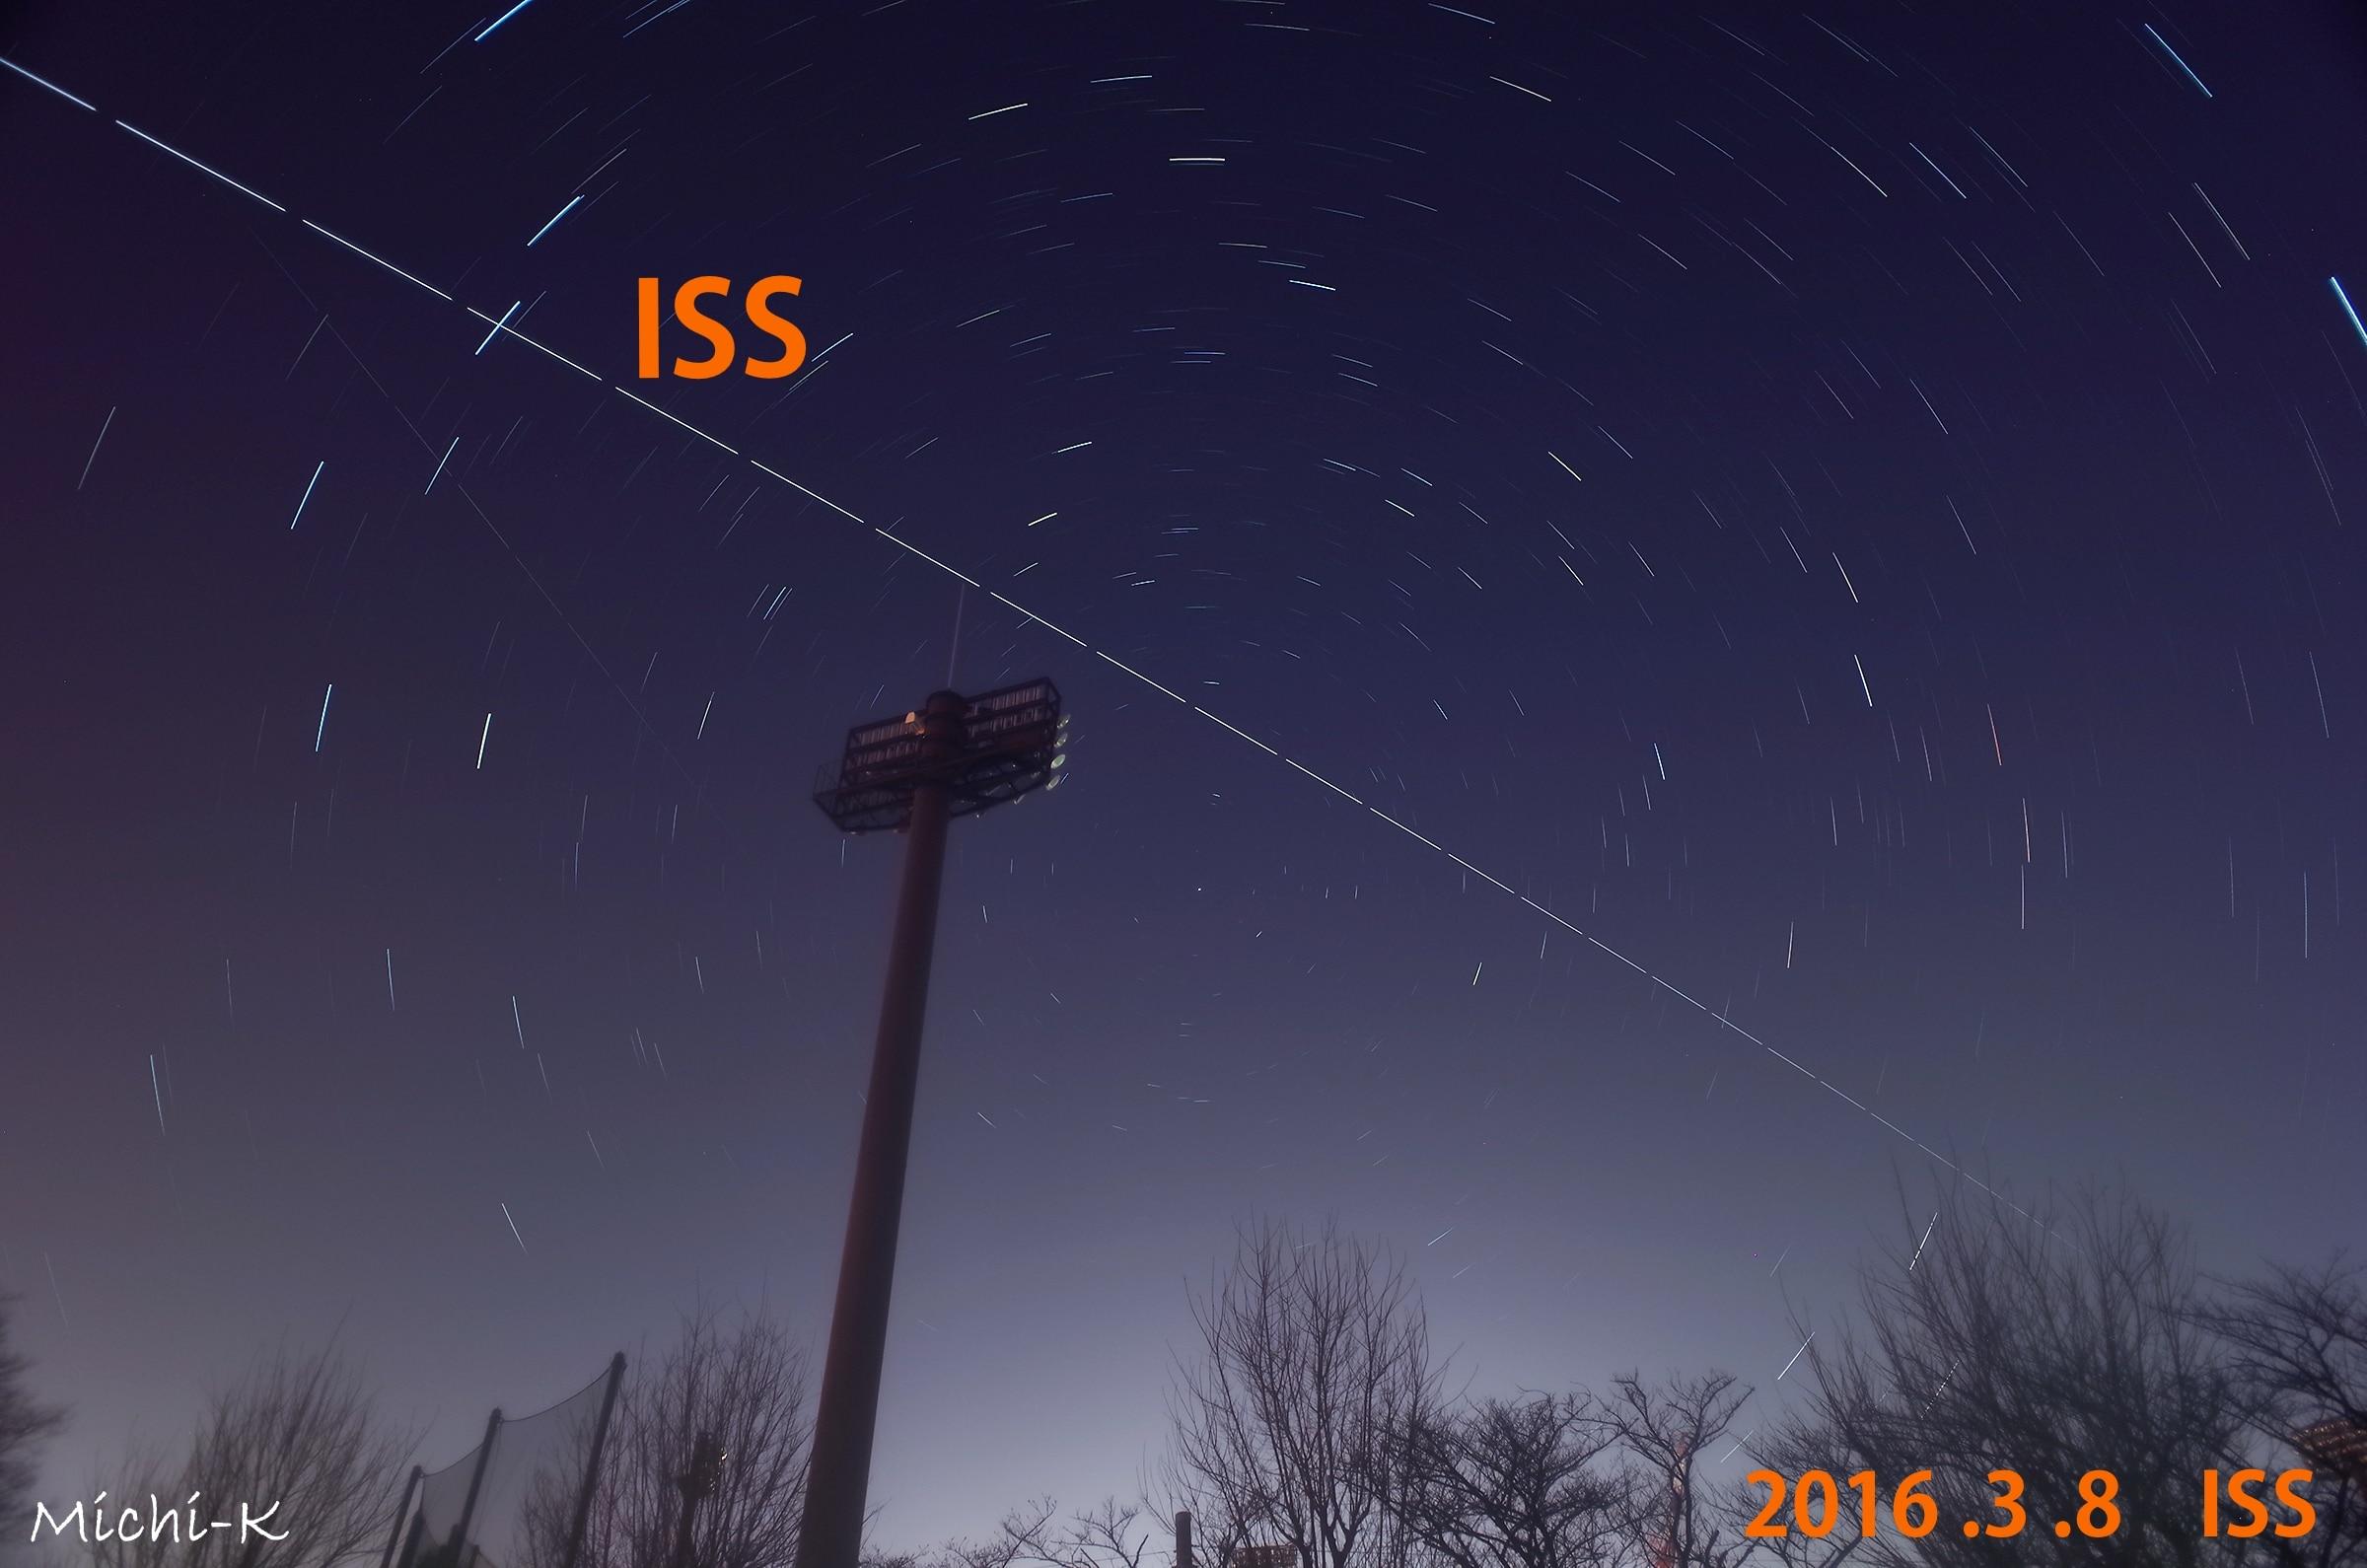 国際宇宙ステーション(ISS)の軌跡 、2016年3月8日